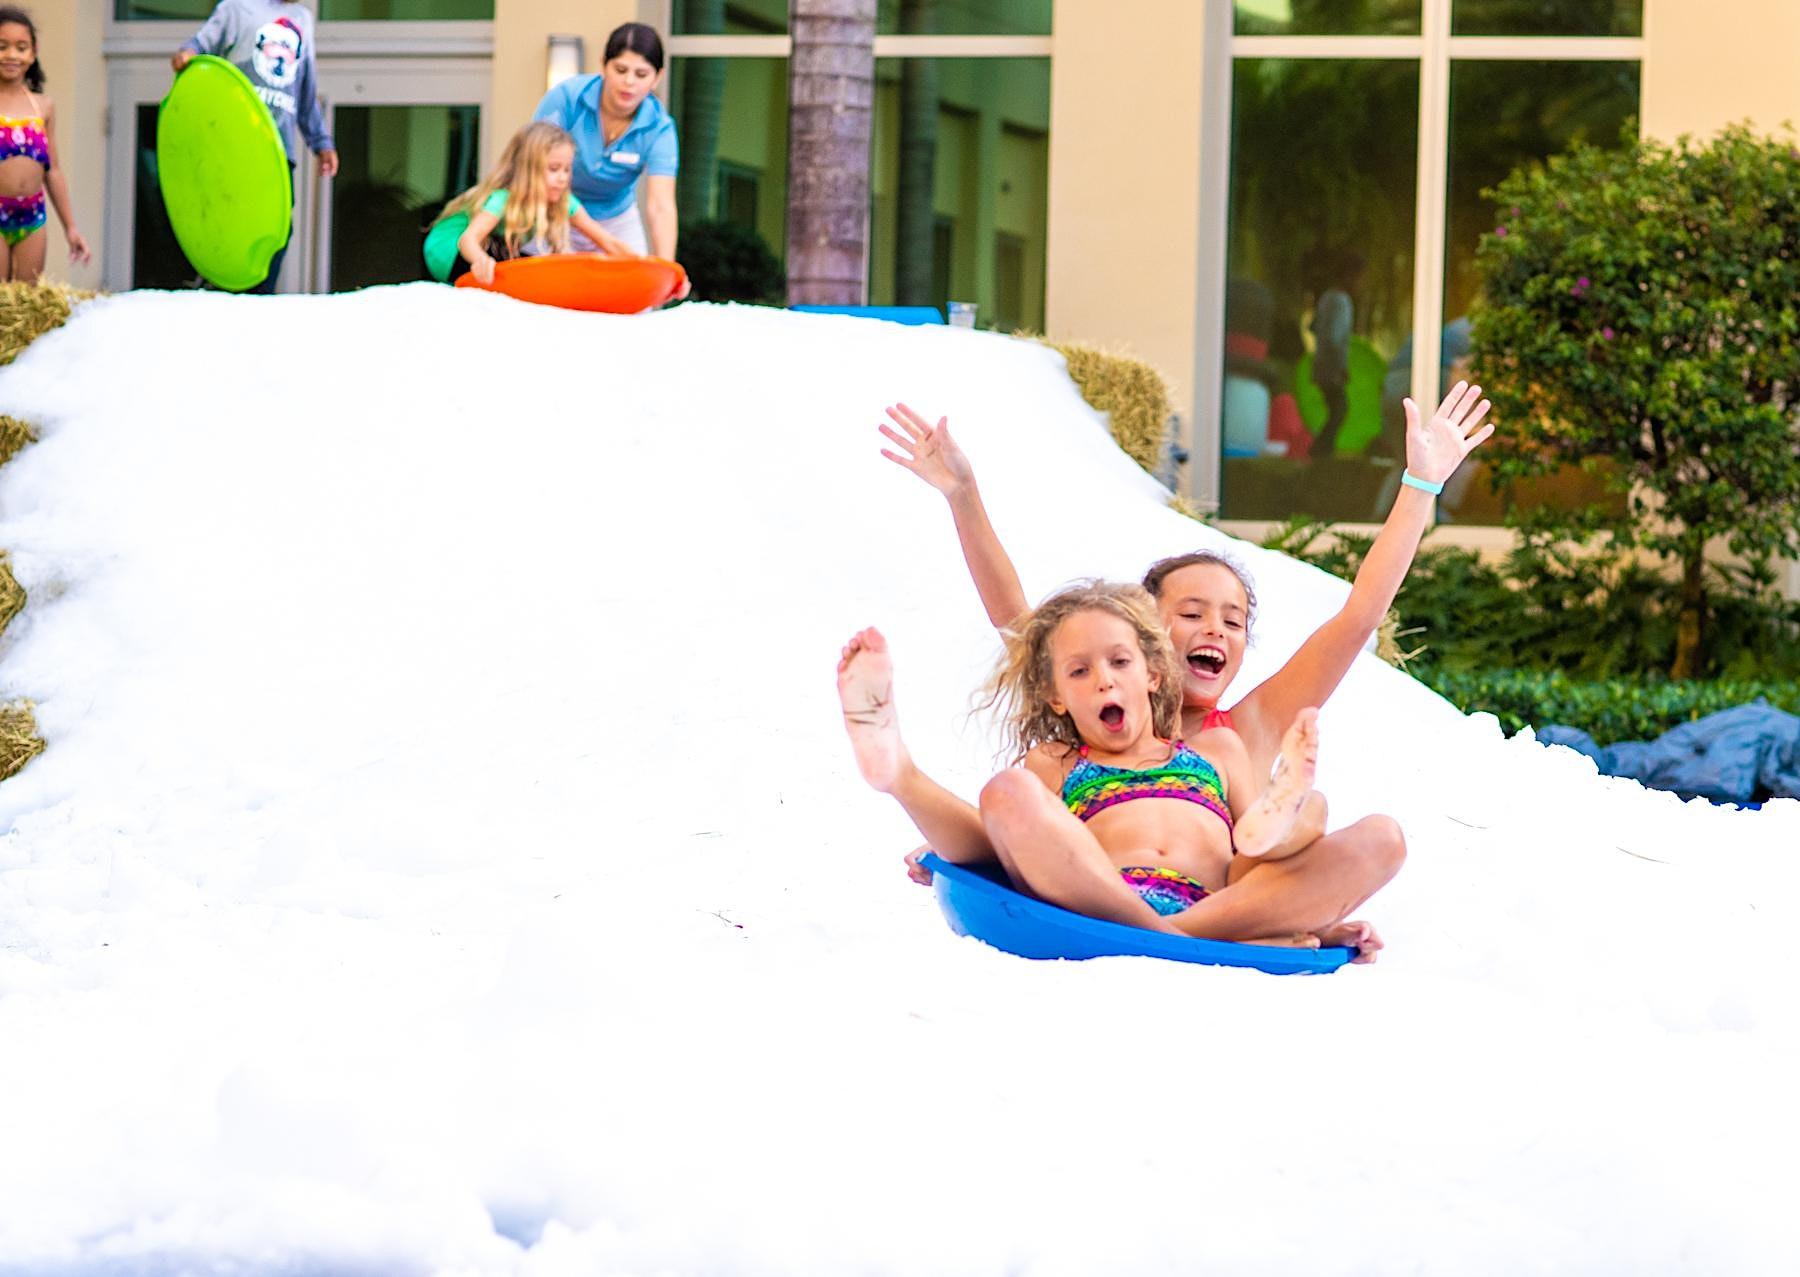 Snow Place Like Hilton West Palm Beach